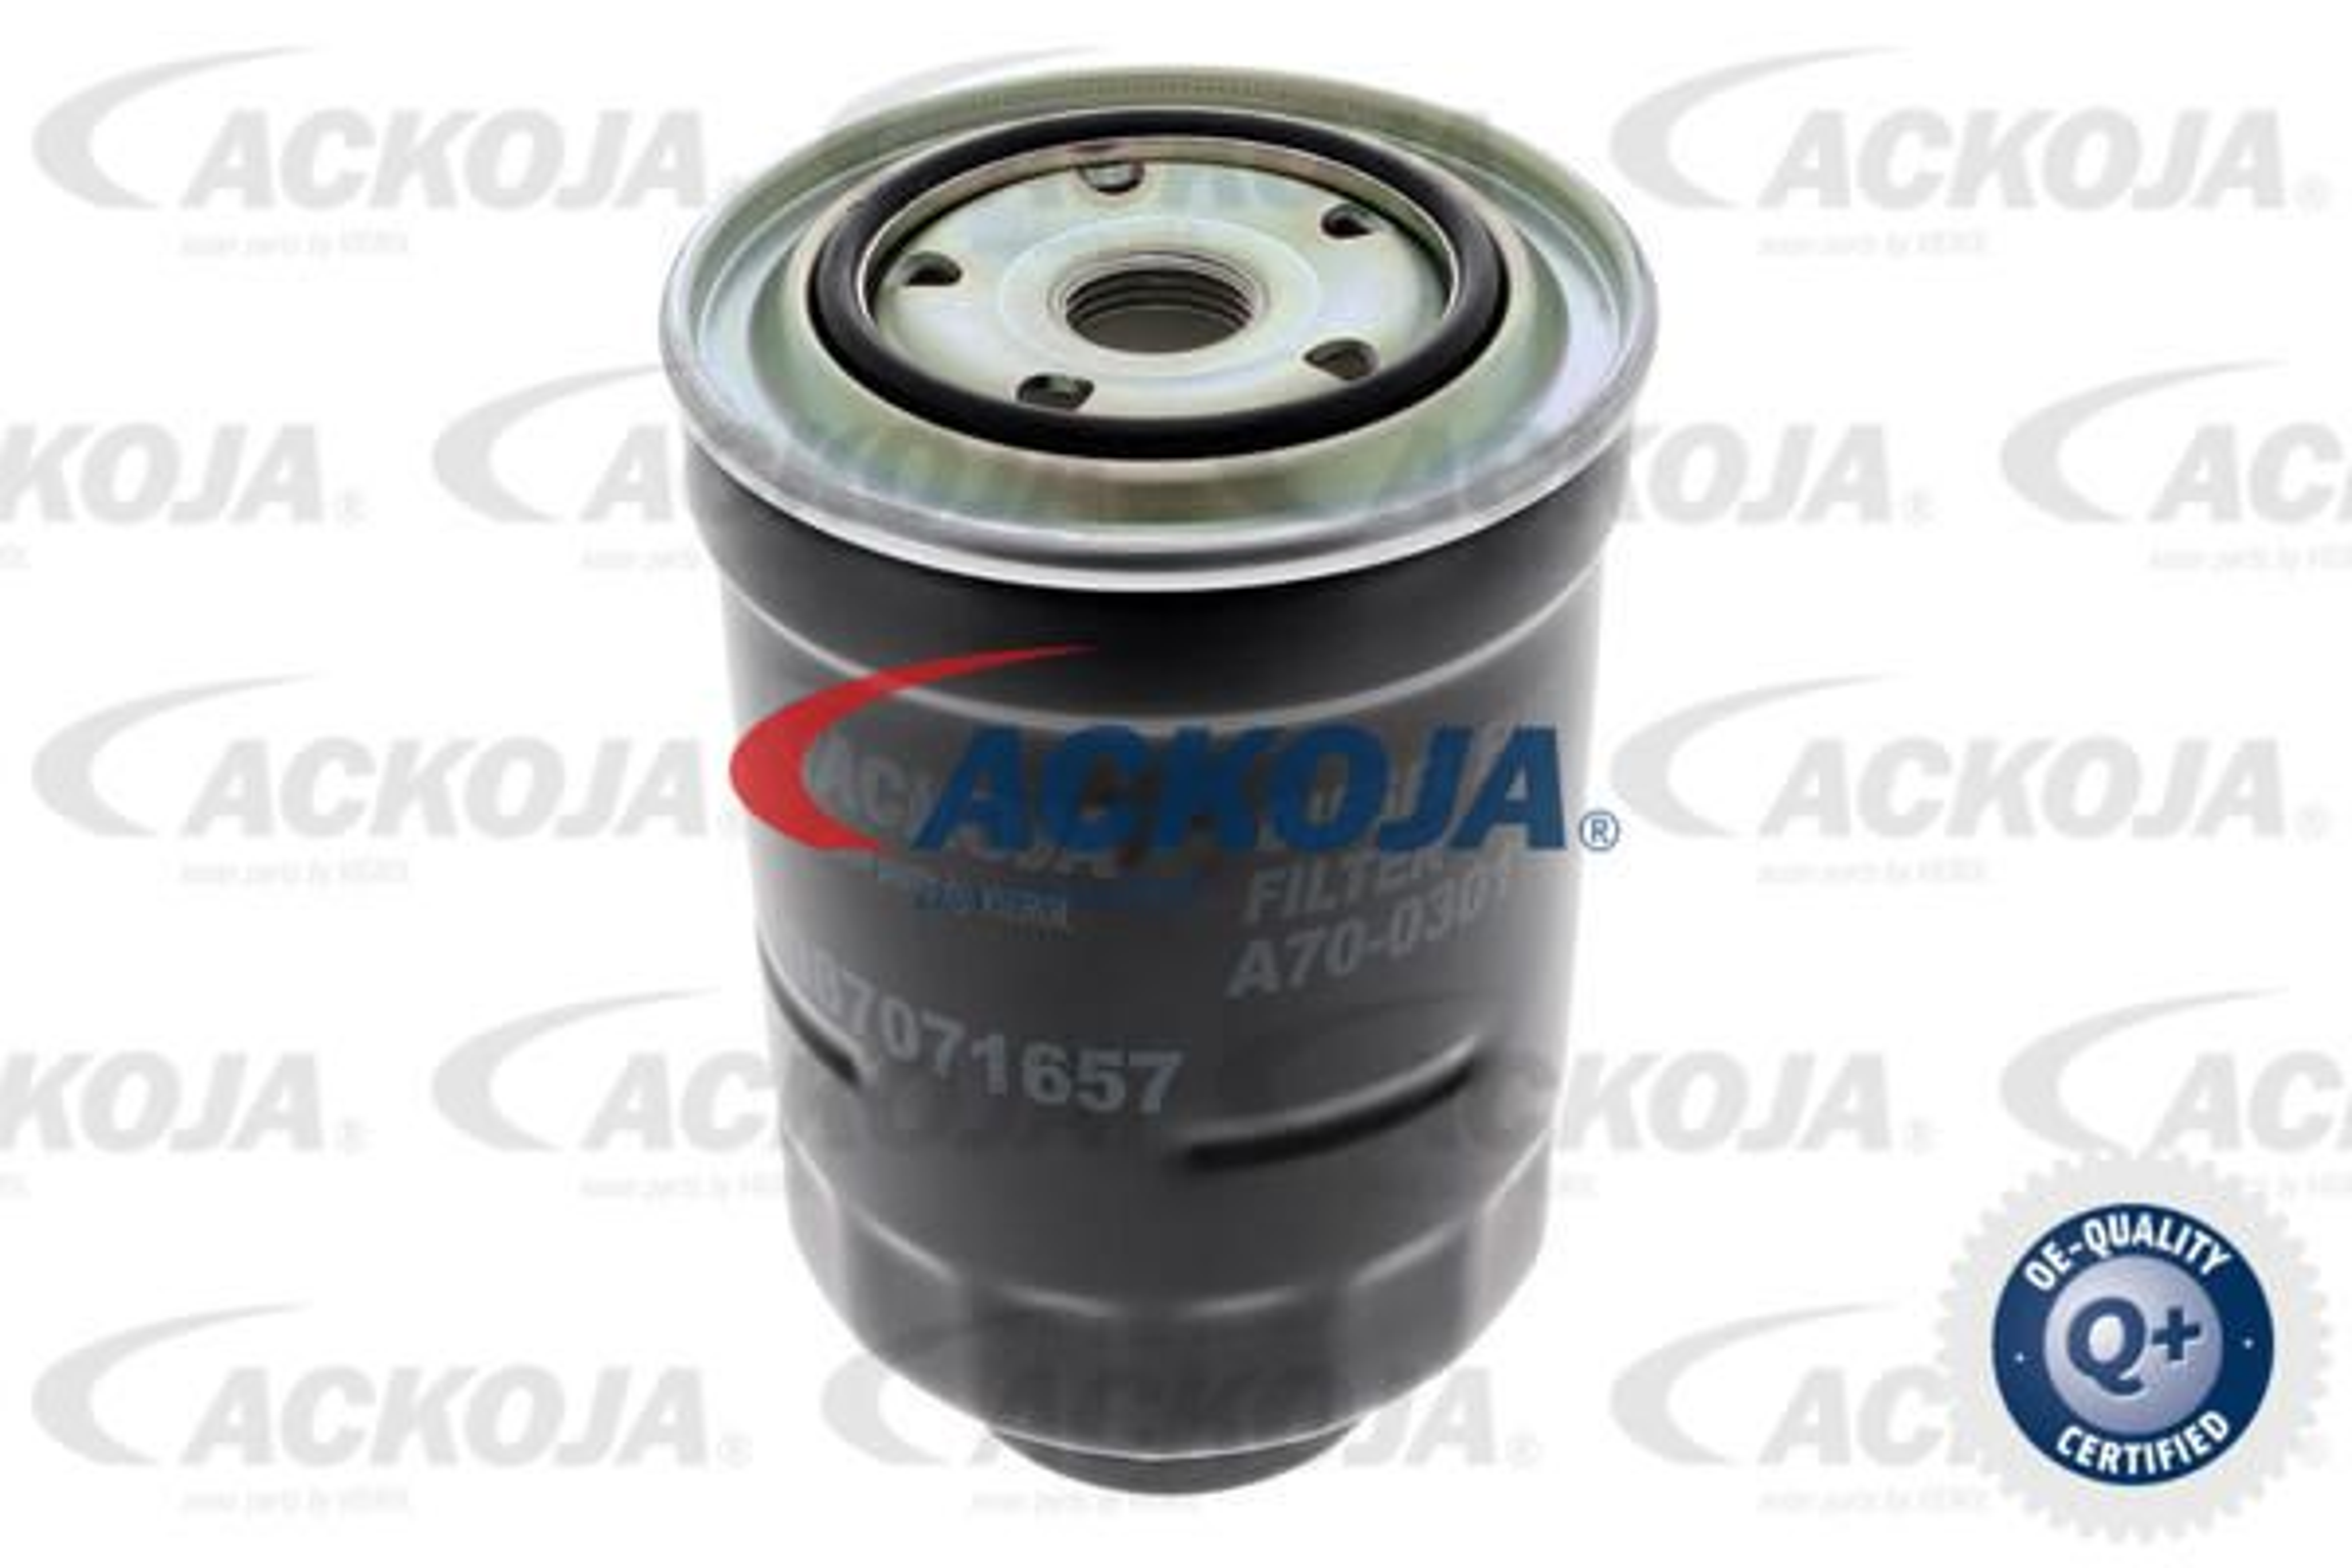 Fuel filter ACKOJA A70-0301 rating